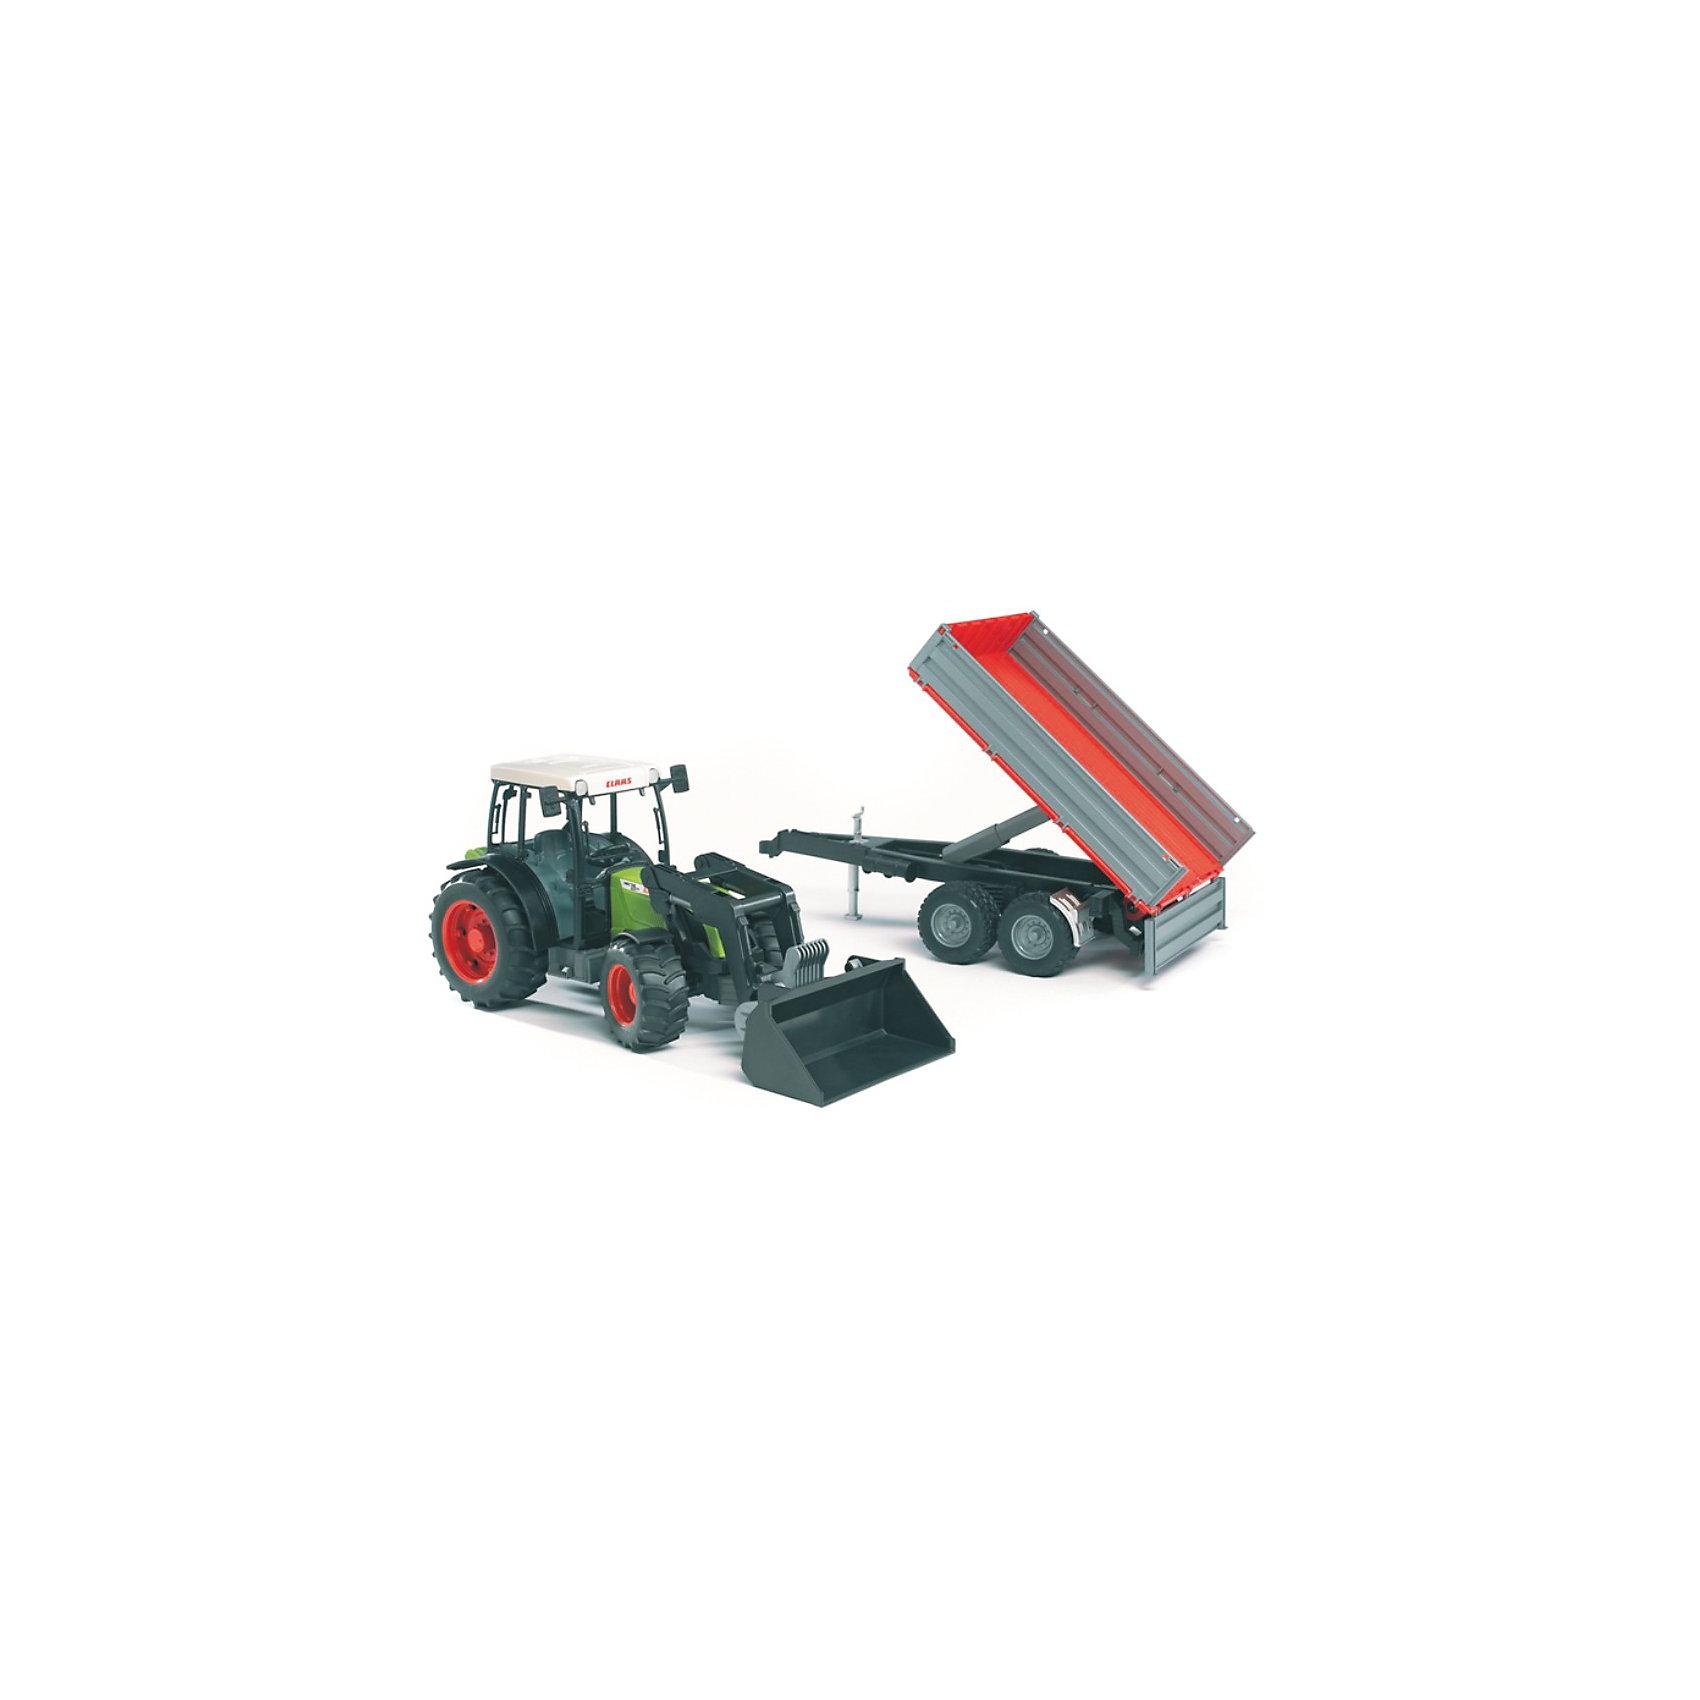 Трактор Claas Nectis с погрузчиком и прицепом, BruderМашинки<br>Трактор Claas Nectis с погрузчиком и прицепом, Bruder (Брудер) - это качественная детализированная игрушка с подвижными элементами.<br>Трактор Claas Nectis с погрузчиком и прицепом от немецкого производителя игрушек Bruder (Брудер) - это уменьшенная полноценная копия настоящей машины! Трактора серия Nectis разработаны для использования в виноградниках и садах. Модель отличается высокой степенью детализации. Кабина трактора с водительским сидением, рулем и декоративными рычагами тщательно проработана. Машина имеет массу преимуществ и функций, она заинтересует или разовьет интерес ребенка к миру автомеханики. Ковш погрузчика поднимается вверх и вниз, меняет угол наклона. Съемный прицеп оснащен тремя откидывающимися боковинами, а так же подъемным механизмом (подобно кузову самосвала), дополнительной складной ногой-опорой для устойчивости. Передняя ось трактора имеет амортизатор, что позволит трактору с непринужденностью маневрировать даже на неровном ландшафте. Широкие большие колёса трактора с крупным протектором обеспечивают хорошую проходимость. Колеса прорезиненные. Они не гремят при езде и не царапают пол. Управление передними колесами осуществляется с помощью руля в кабине или дополнительного руля, который вставляется через отодвигающее отверстие на крыше трактора. Трактор оснащен фаркопом для прицепных устройств. Игрушка изготовлена из высококачественного пластика, устойчивого к износу и ударам. Продукция сертифицирована, экологически безопасна для ребенка, использованные красители не токсичны и гипоаллергенны.<br><br>Дополнительная информация:<br><br>- Масштаб 1:16<br>- Материал: высококачественный ударопрочный пластик<br>- Цвет: зеленый, черный, красный, серый<br>- Размер упаковки: 57 x 16 x 18,5 см.<br><br>Трактор Claas Nectis с погрузчиком и прицепом, Bruder (Брудер) можно купить в нашем интернет-магазине.<br><br>Ширина мм: 575<br>Глубина мм: 164<br>Высота мм: 185<br>Вес г: 1060<br>Возраст от ме